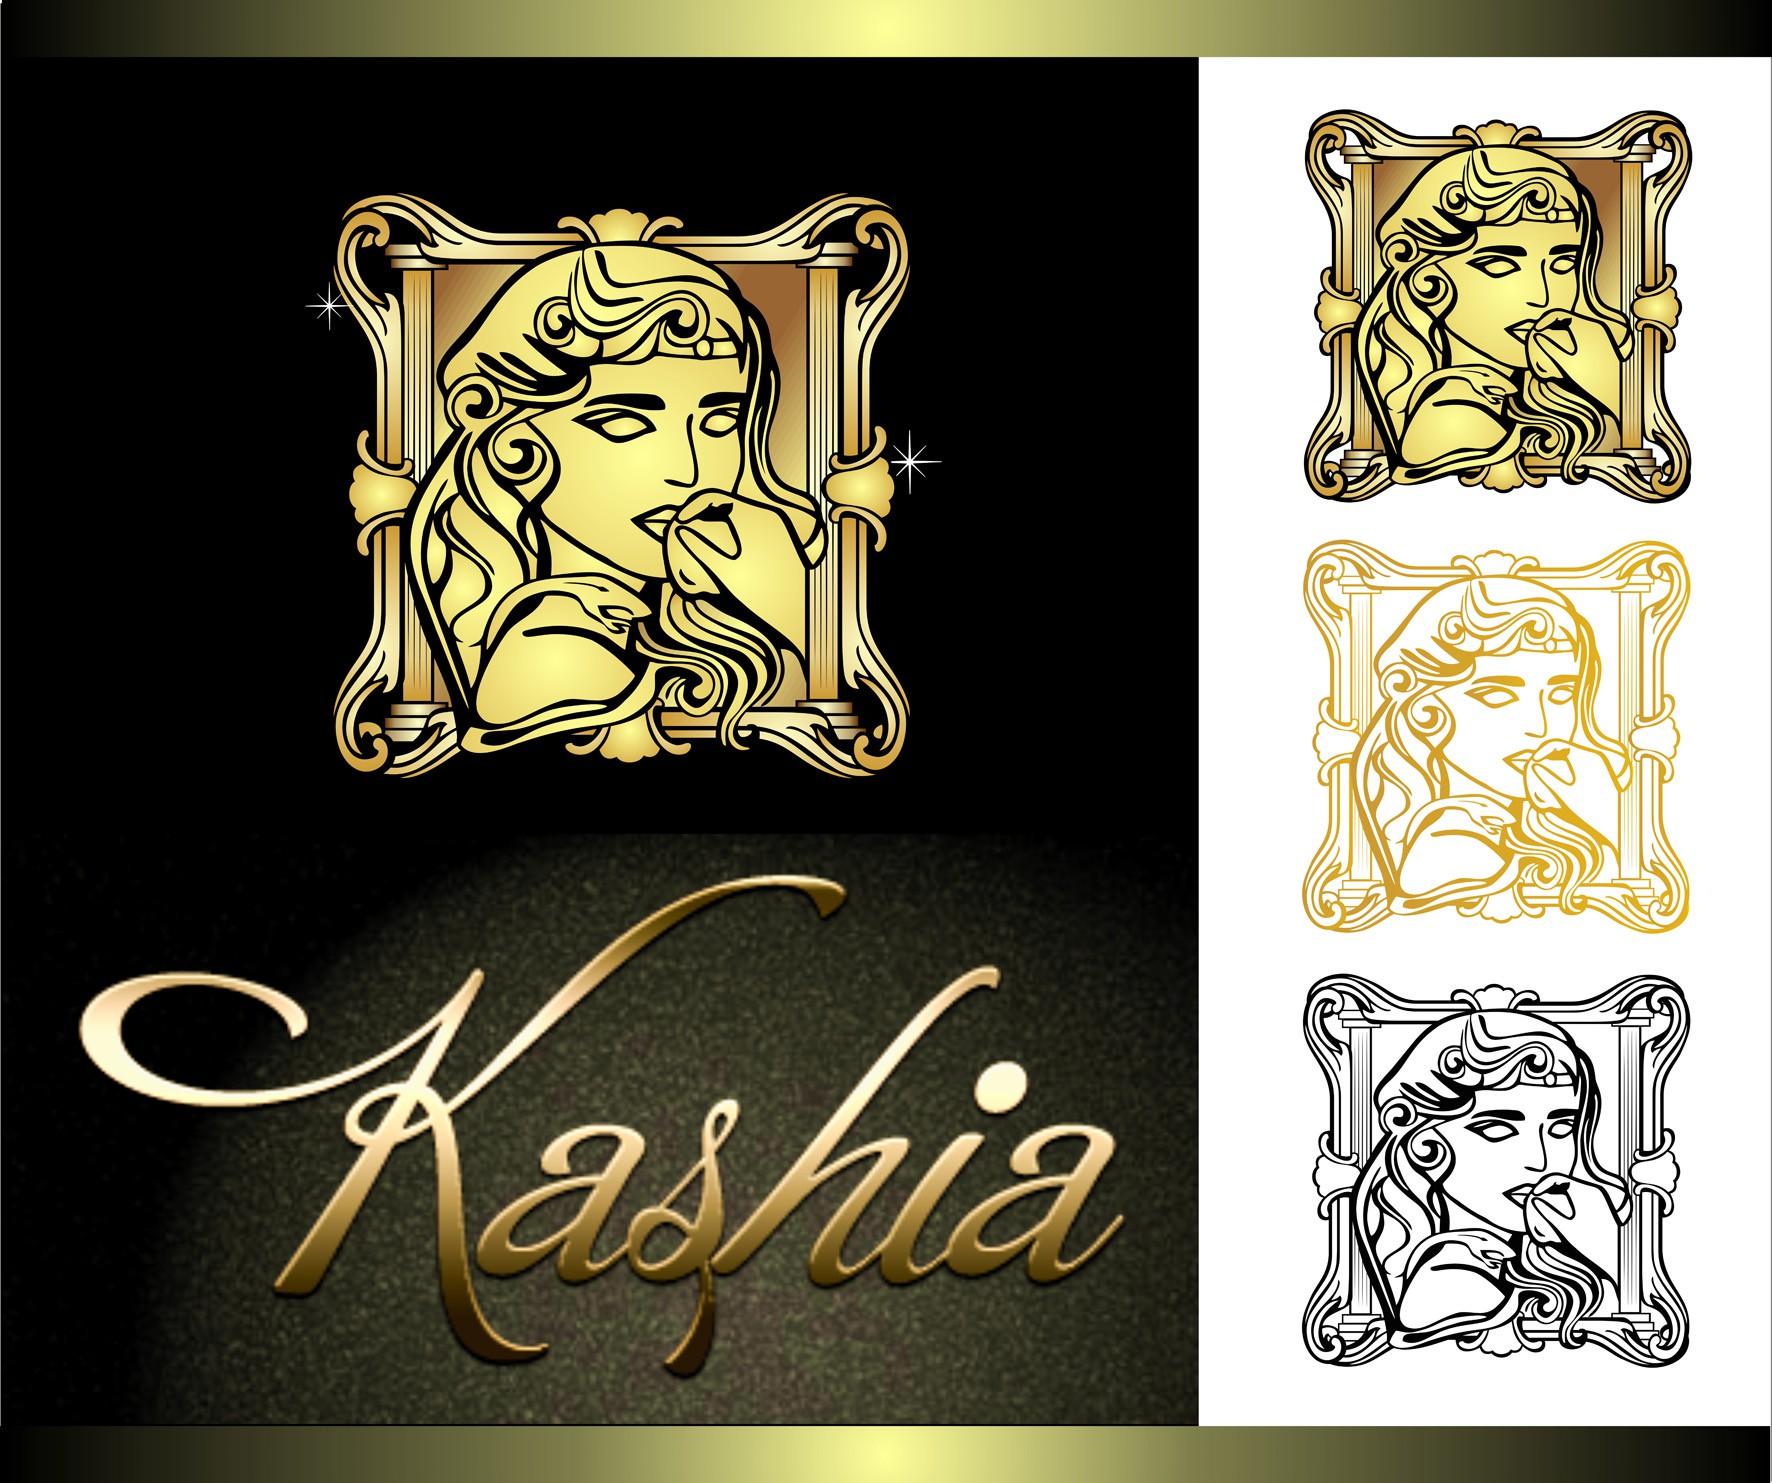 Create the next logo for Kashia